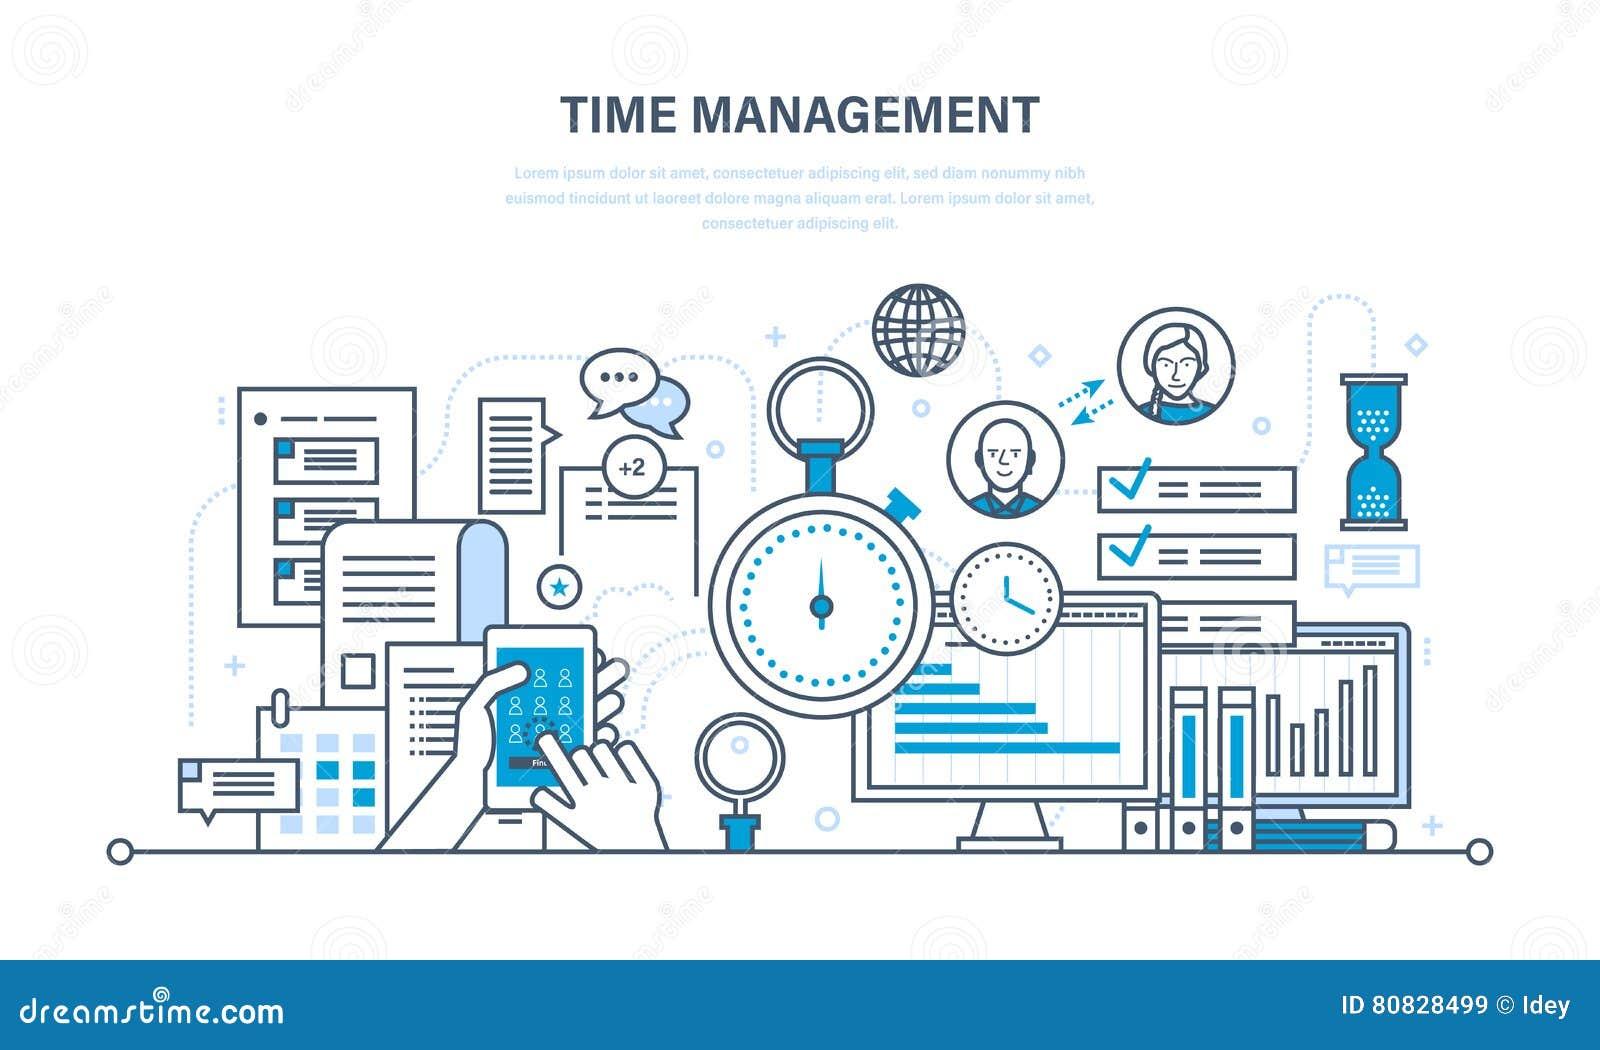 Χρονική διαχείριση, προγραμματισμός, οργάνωση της εργασίας, έλεγχος διεργασίας εργασίας